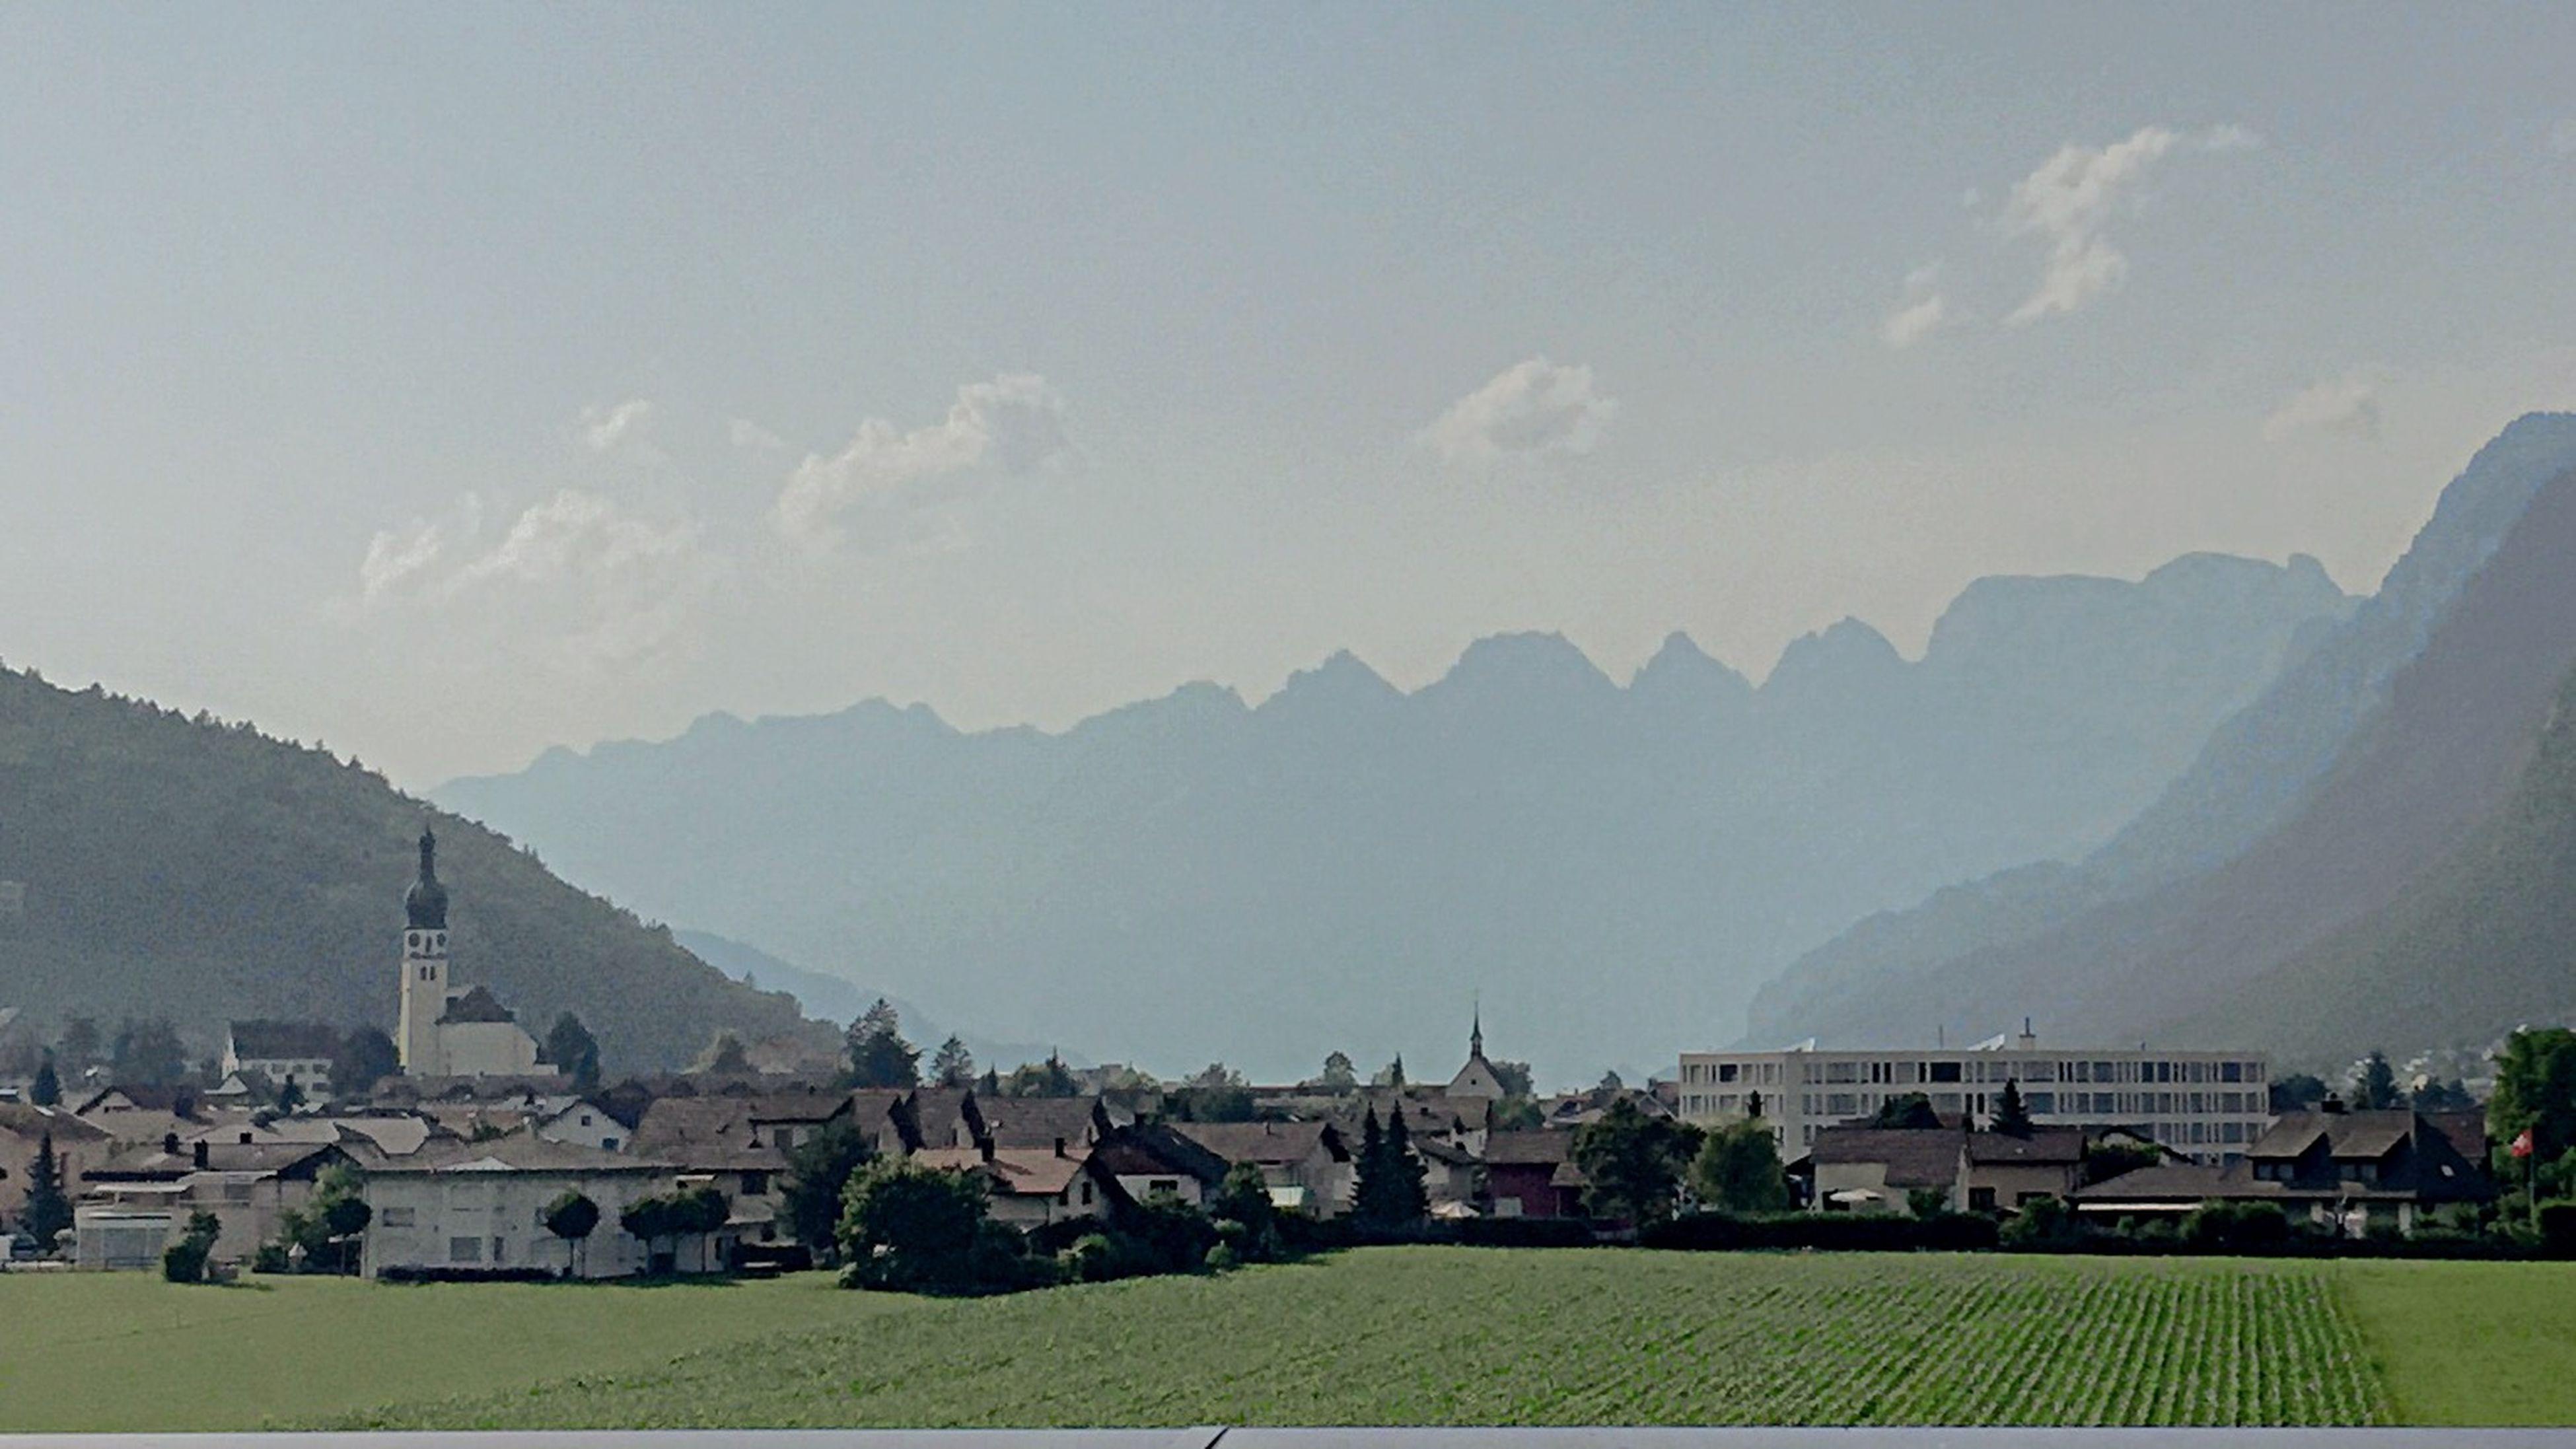 Sargans Pizol Park Churfirsten Switzerland mountains Overwhelmed Mountains Mountain Mountains And Sky Summer IPS2015Landscape